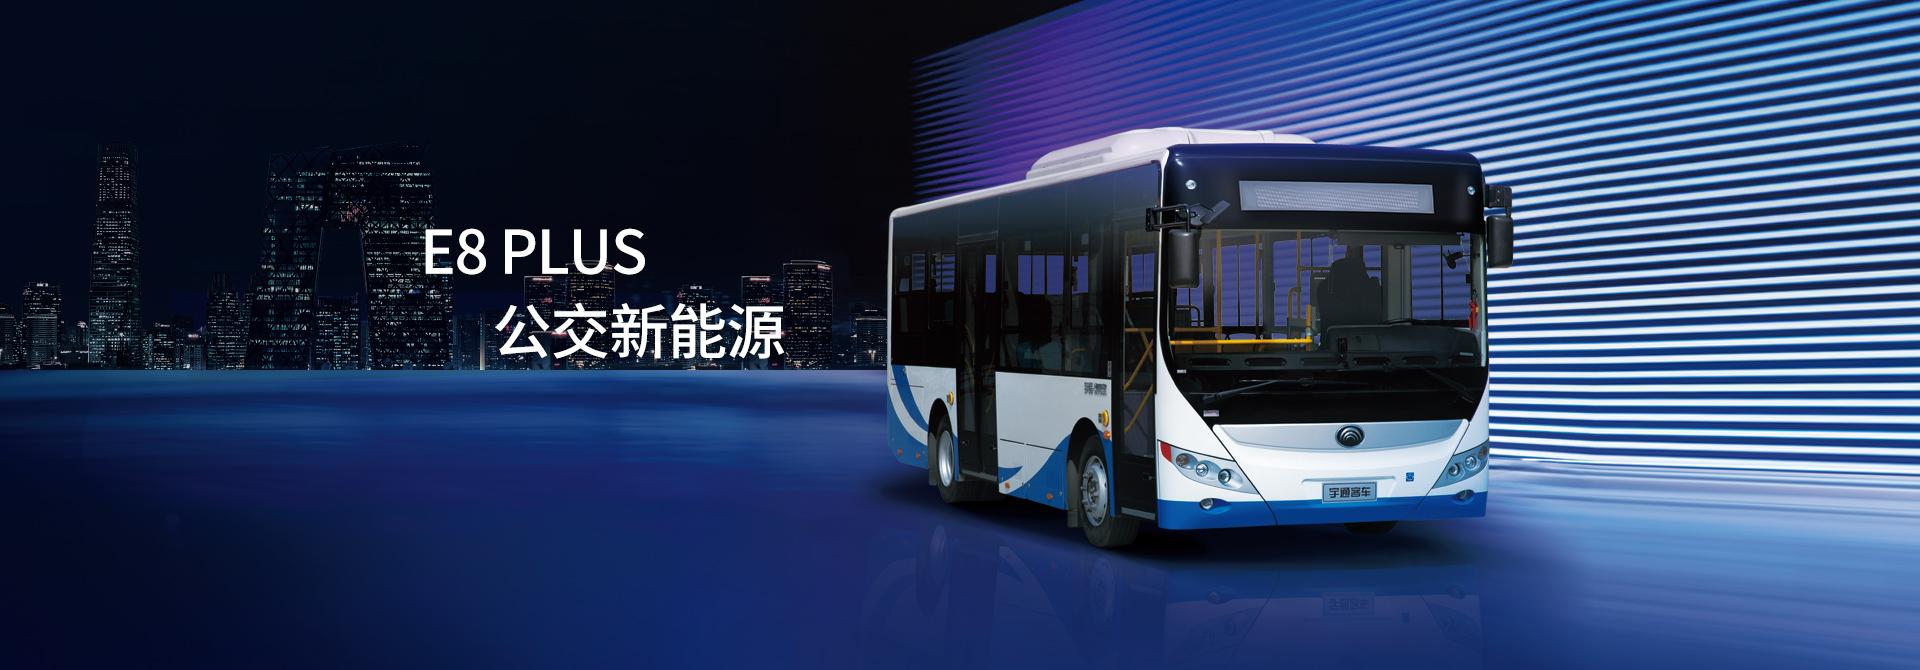 E8PLUS-公交新能源